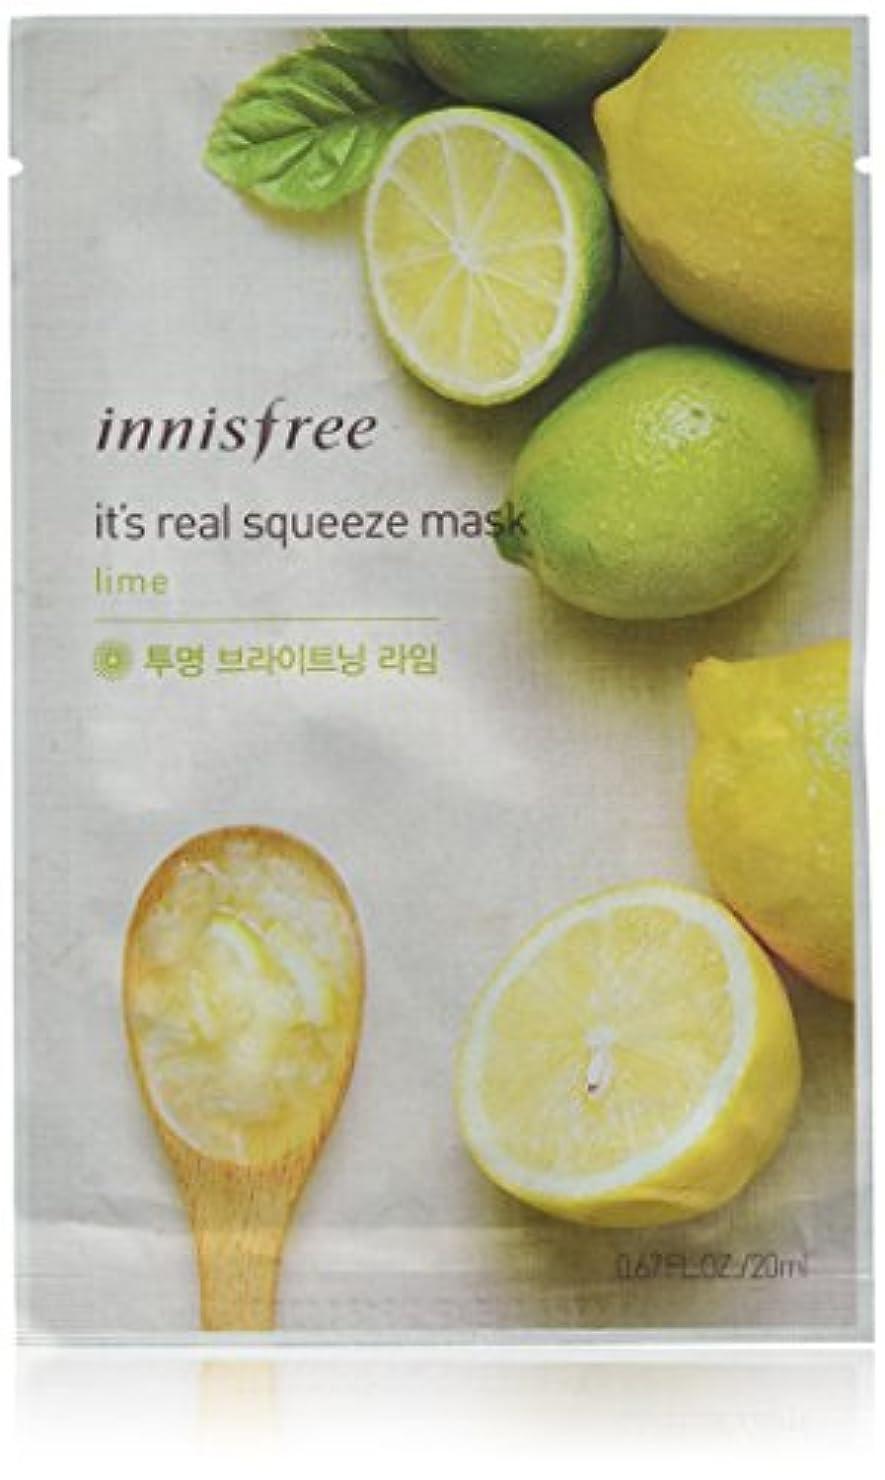 人気の宇宙飛行士致死Innisfree それは本当のスクイーズマスクシート、レモン、1オンスです レモン